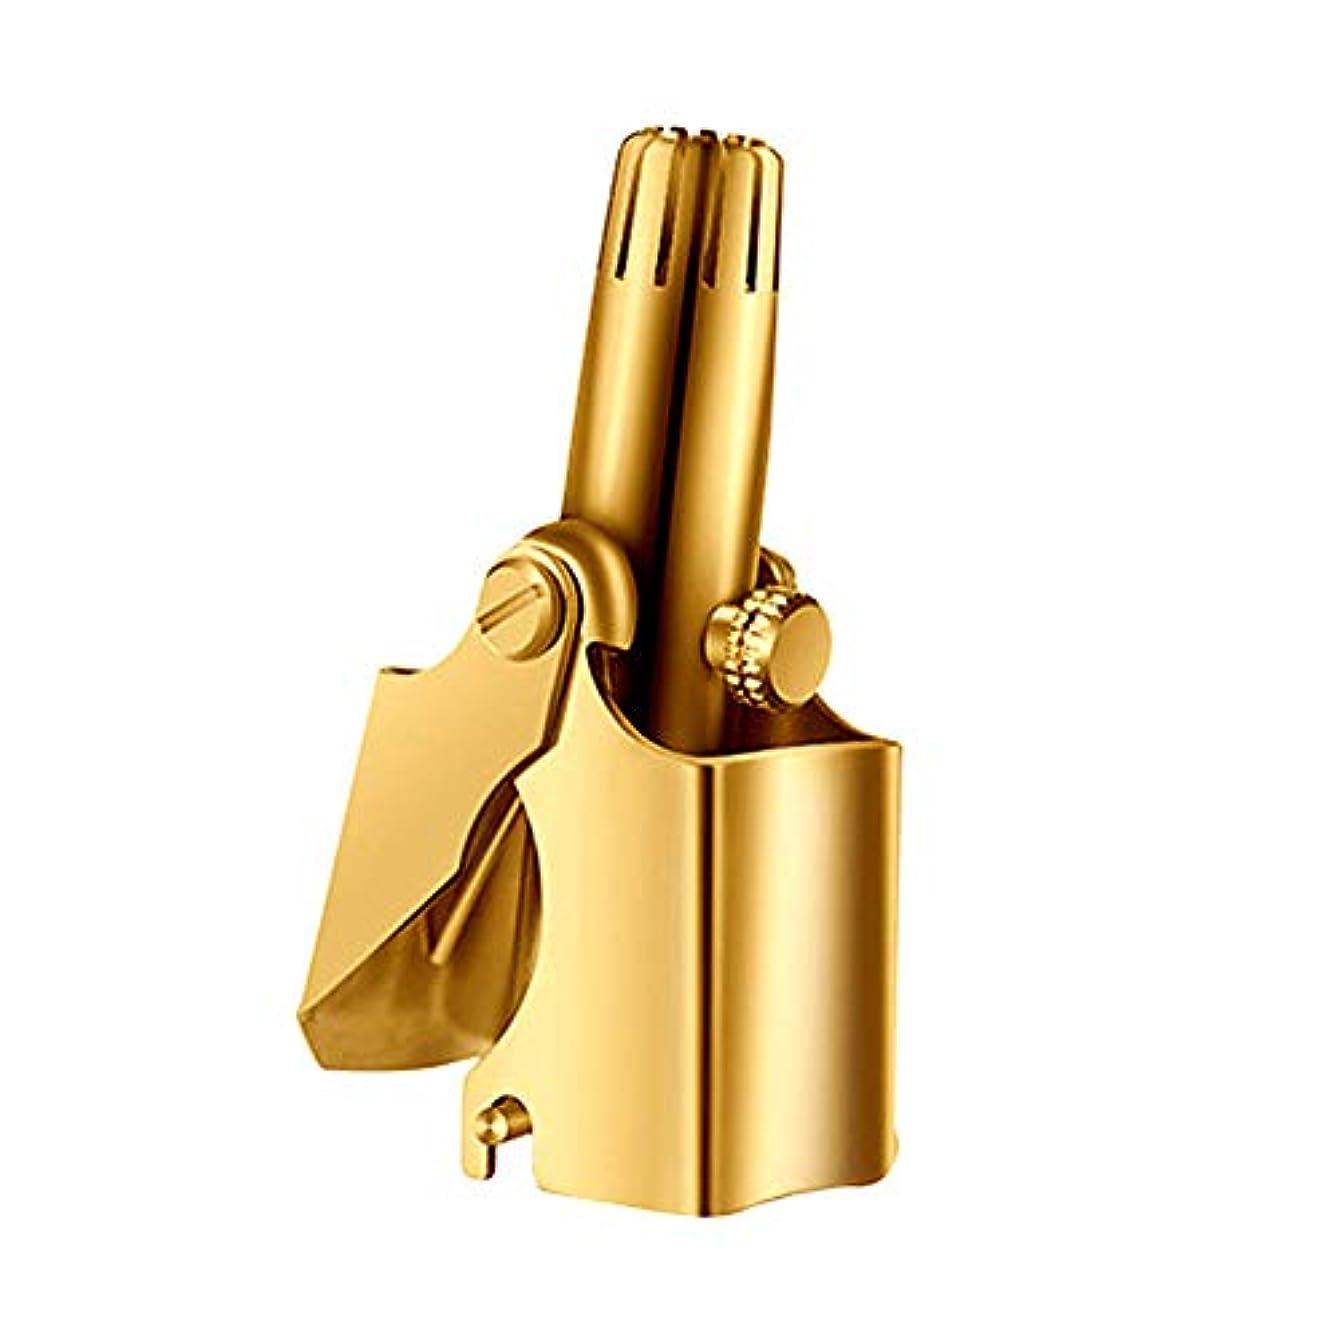 バリケード好意的分布手動鼻毛カッター簡単 電池不要エチケットカッター鼻腔を傷つけない持ち運び簡単 お手入れ掃除ブラシ,ゴールド